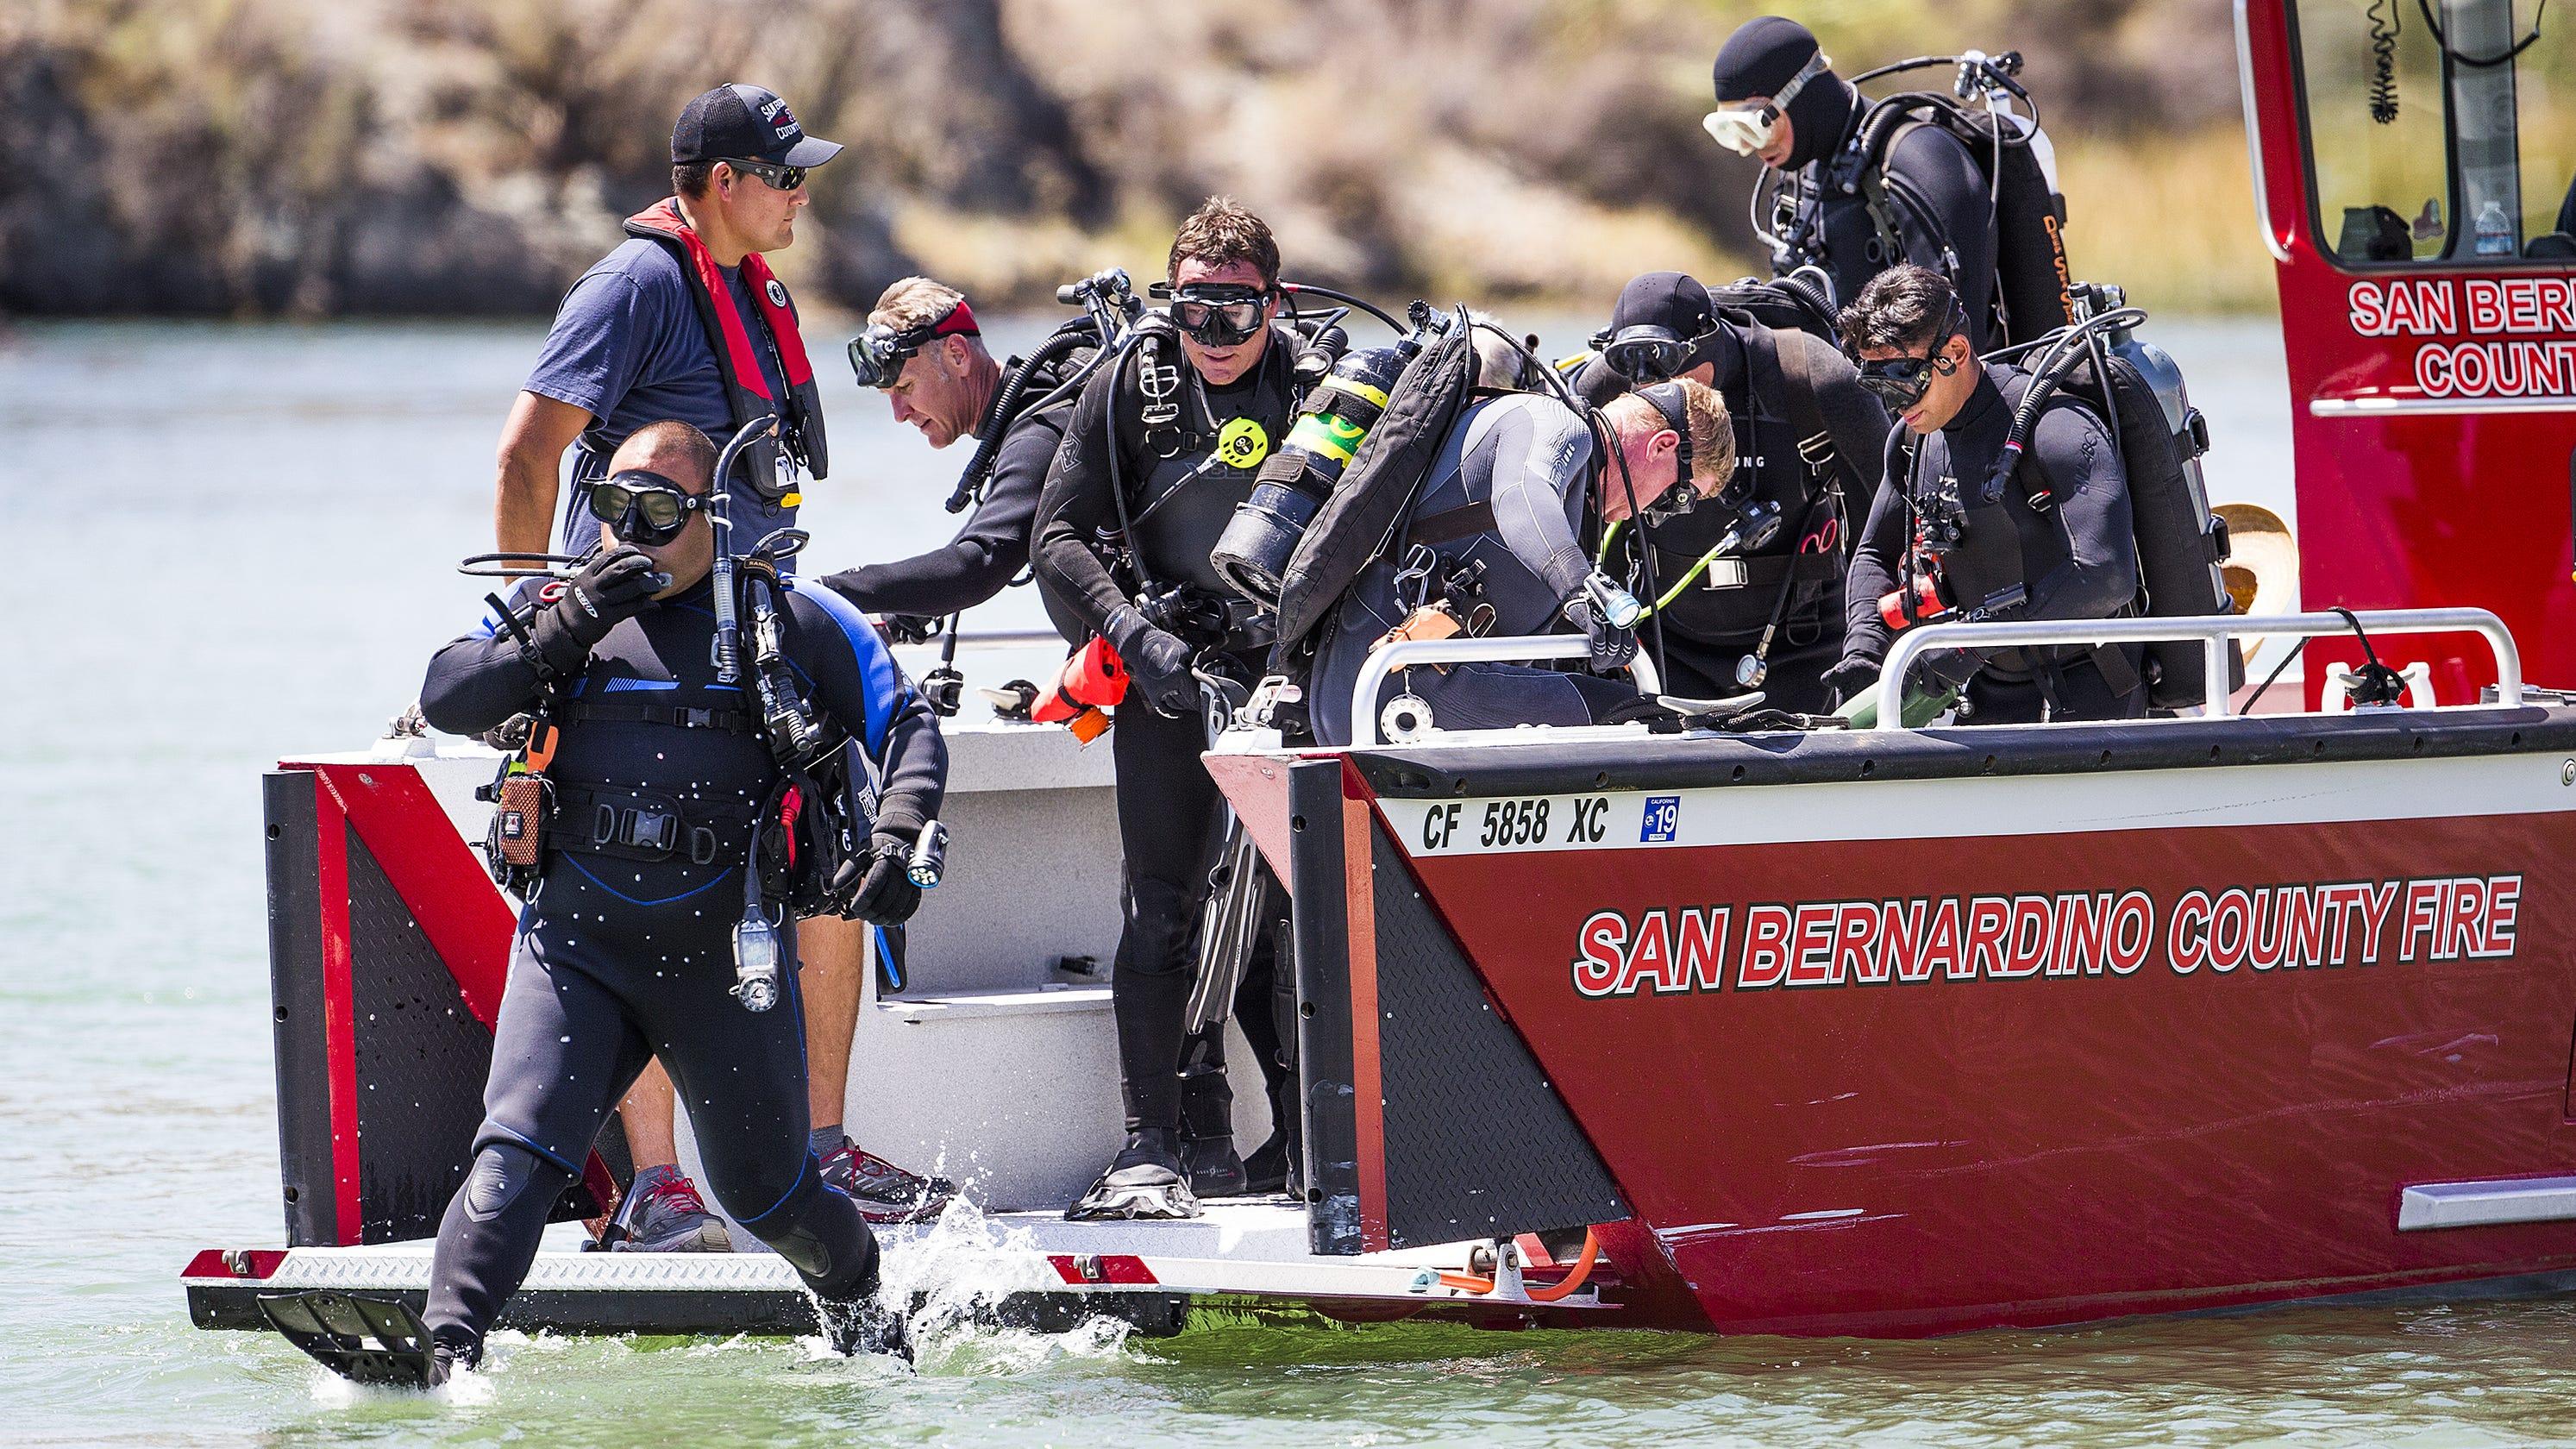 Body of Tulare County woman found in Colorado River, 3 still